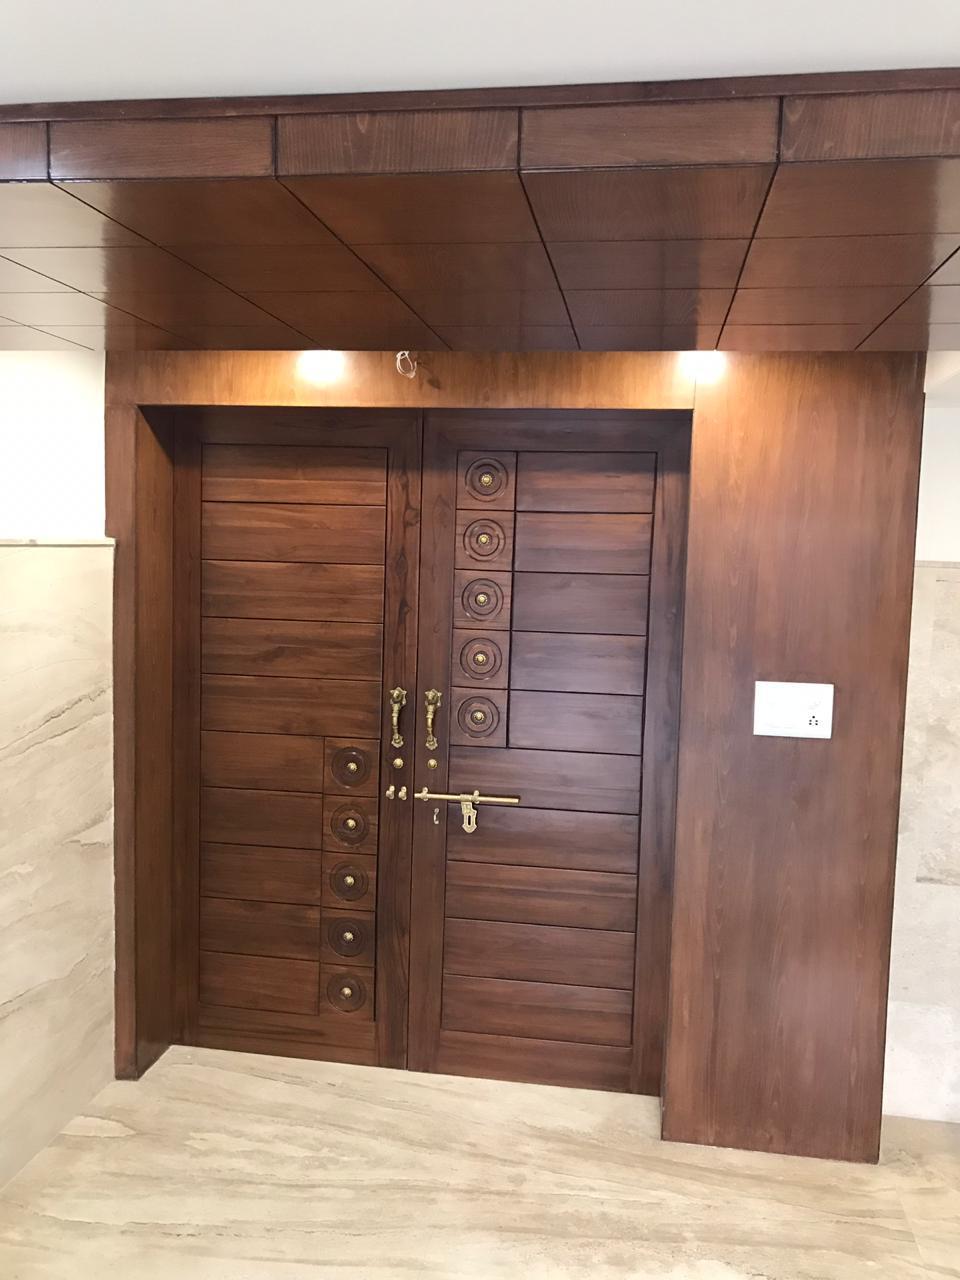 4 bhk Villa for Sale in Vaishali Nagar Jaipur (9)